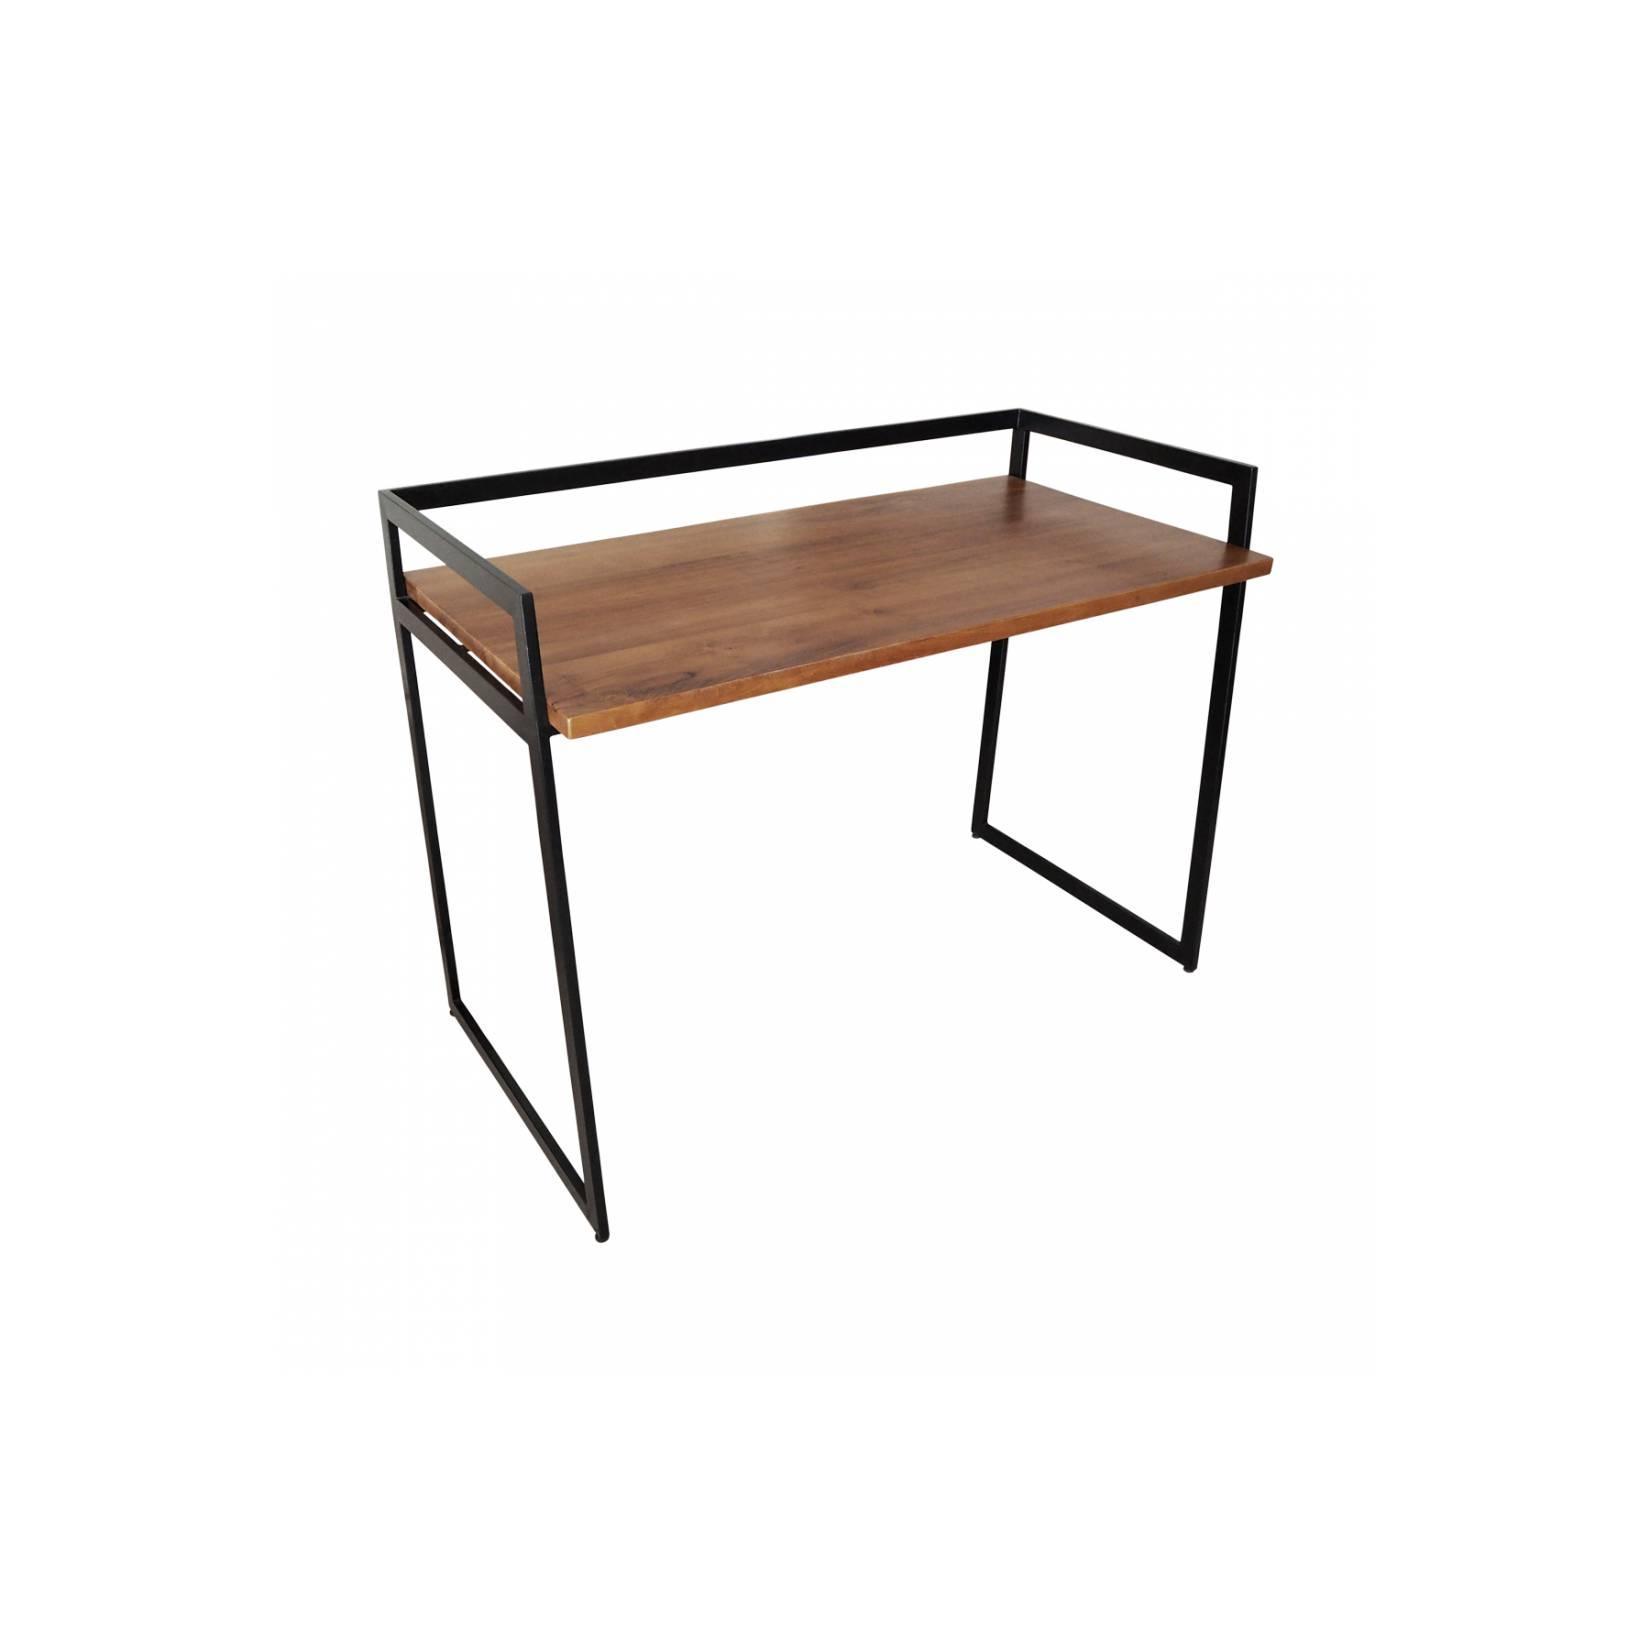 Refule|meja kerja jati unik kantor rumah desk working table industrial